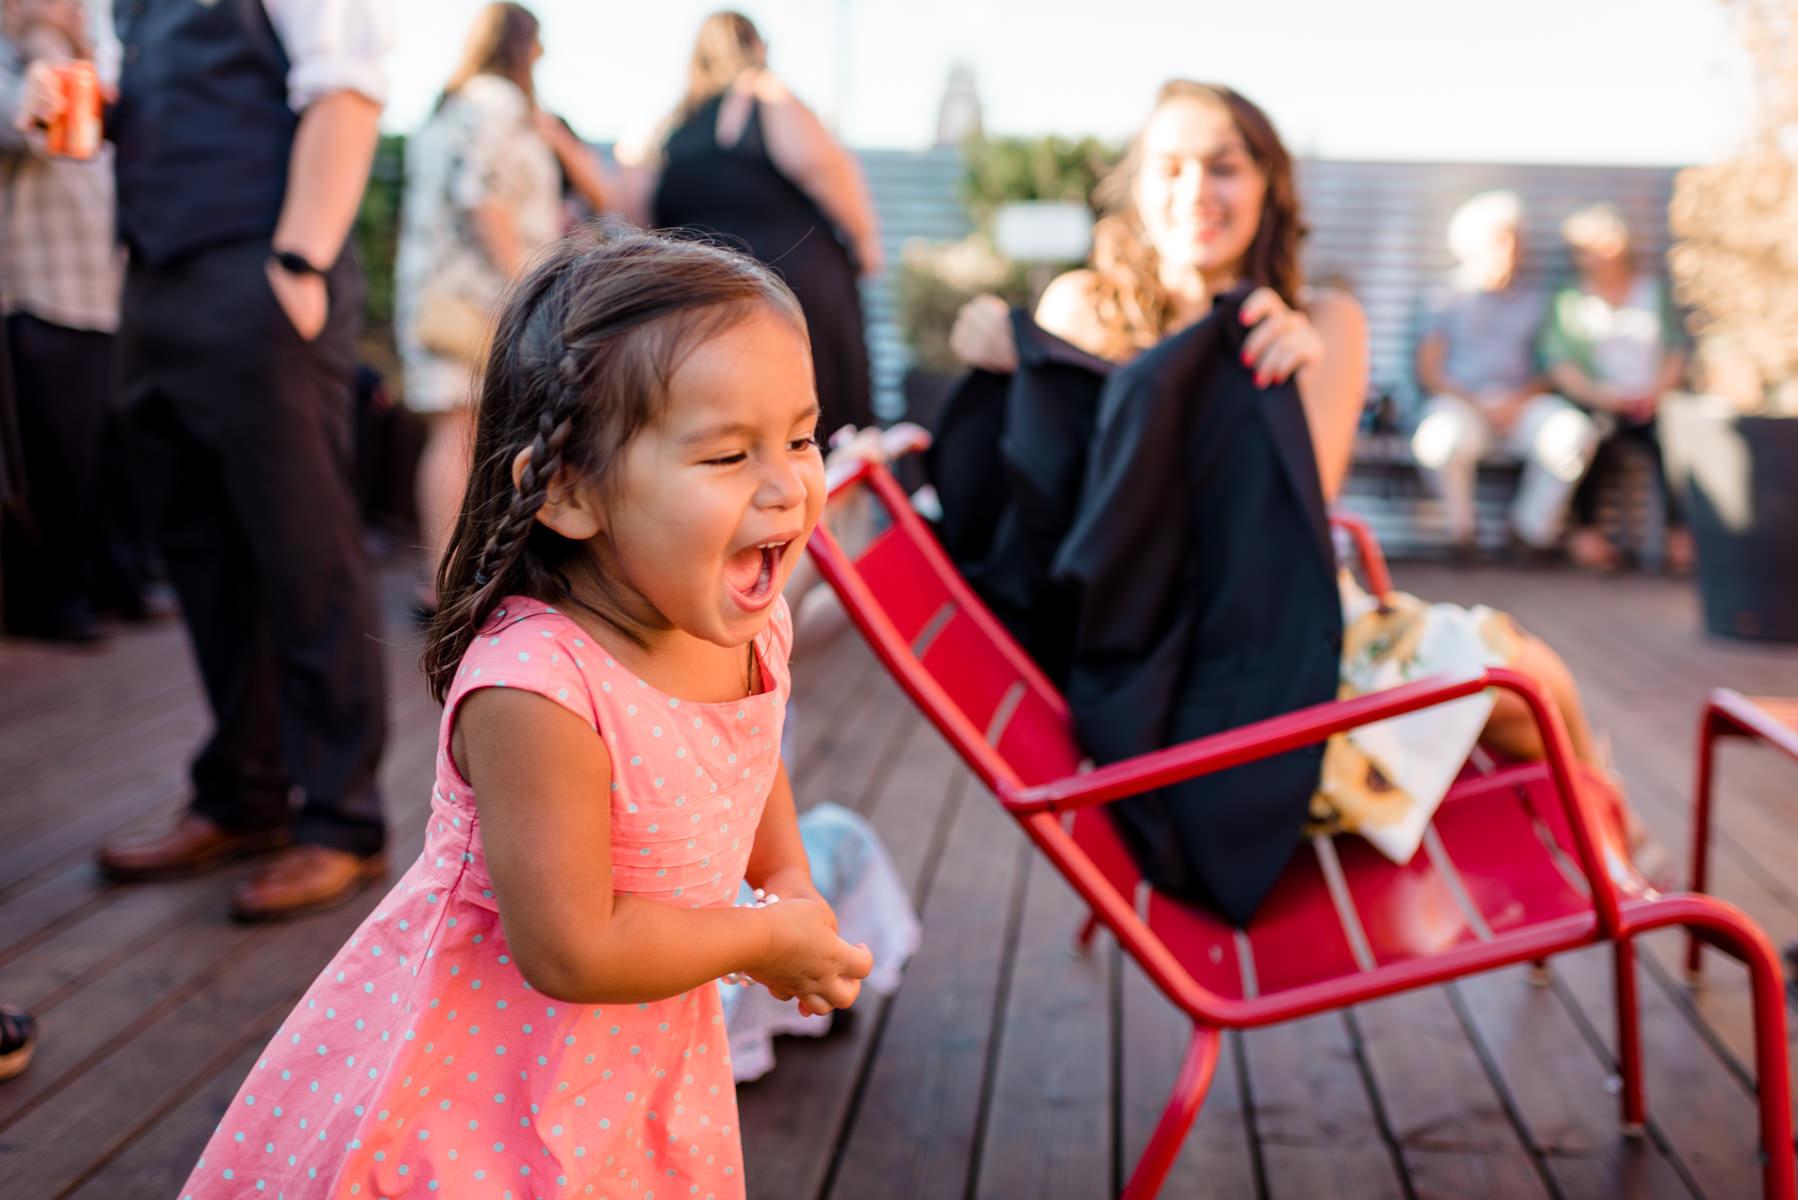 Andrew Tat - Documentary Wedding Photography - WithinSodo - Seattle, Washington -Hilary & Zach - 15.jpg